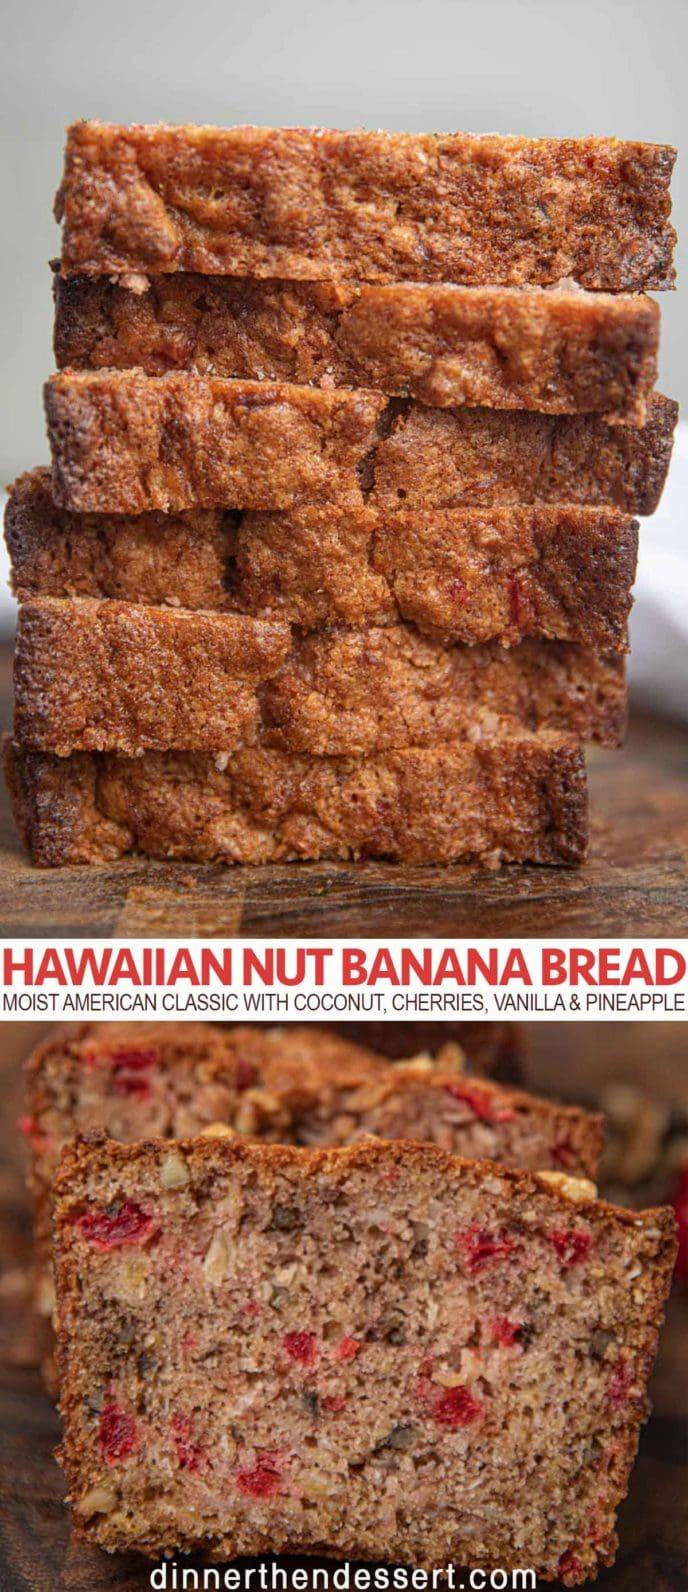 Hawaiian Nut Banana Bread